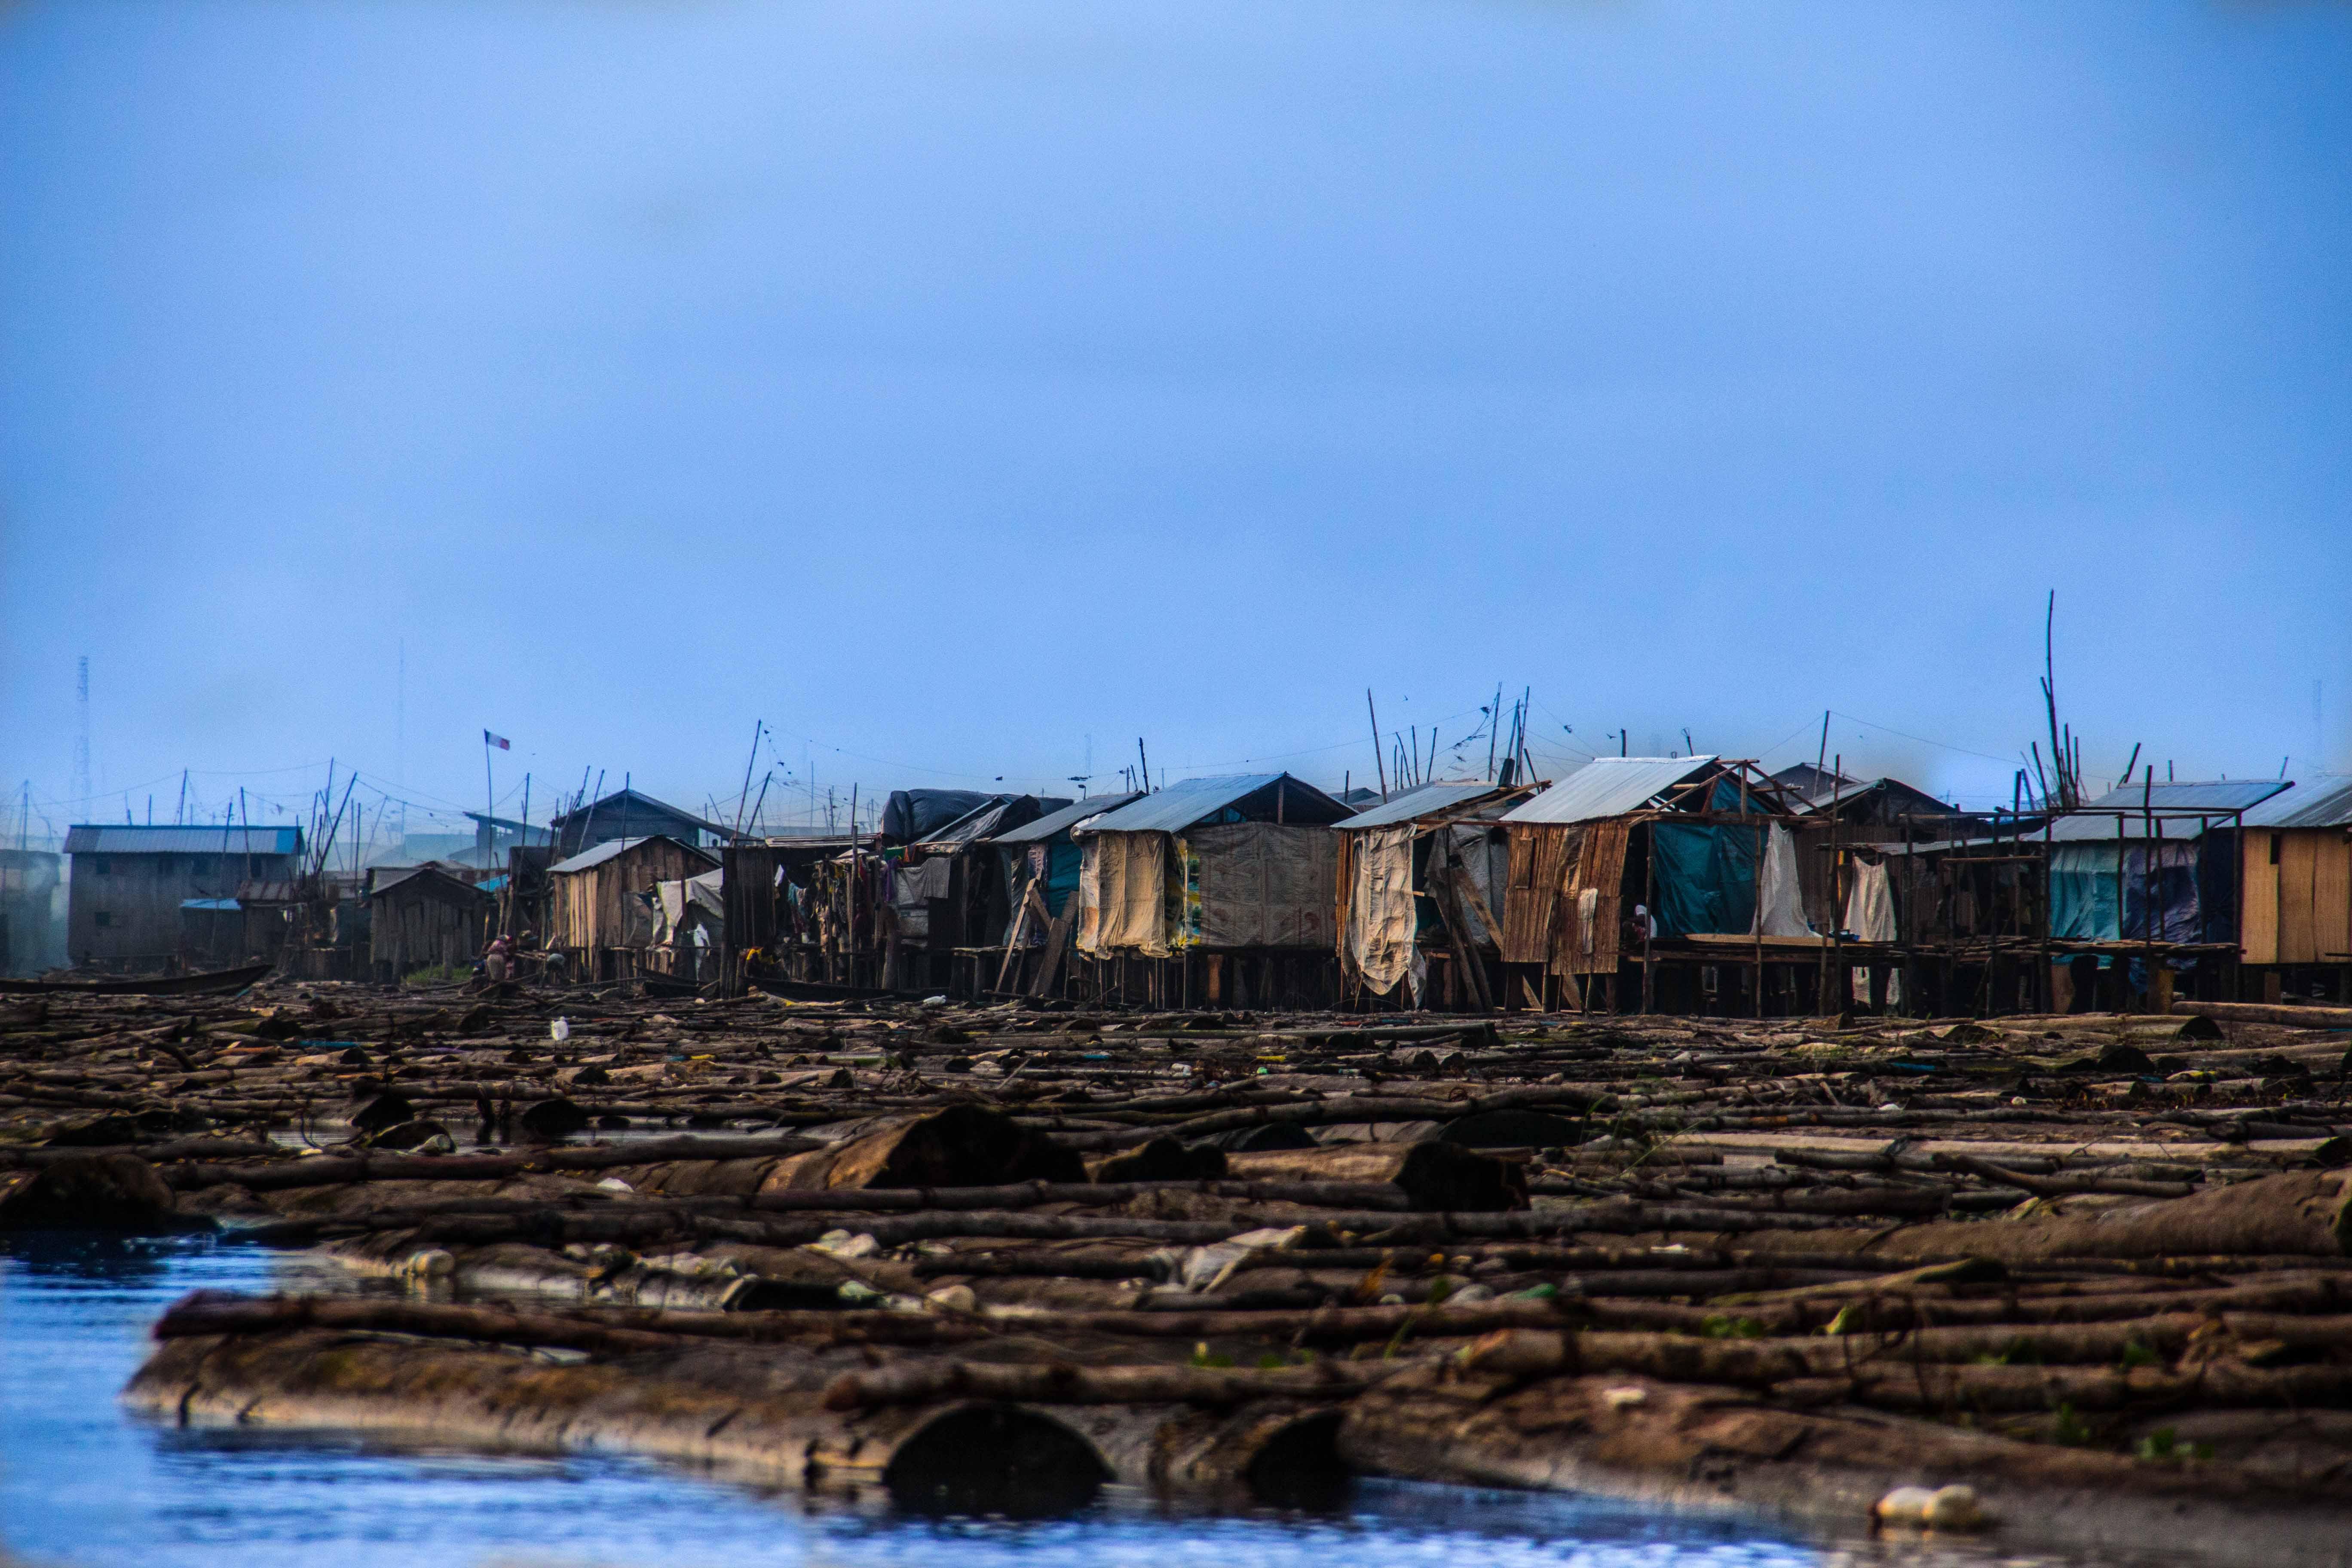 Sawmill communities